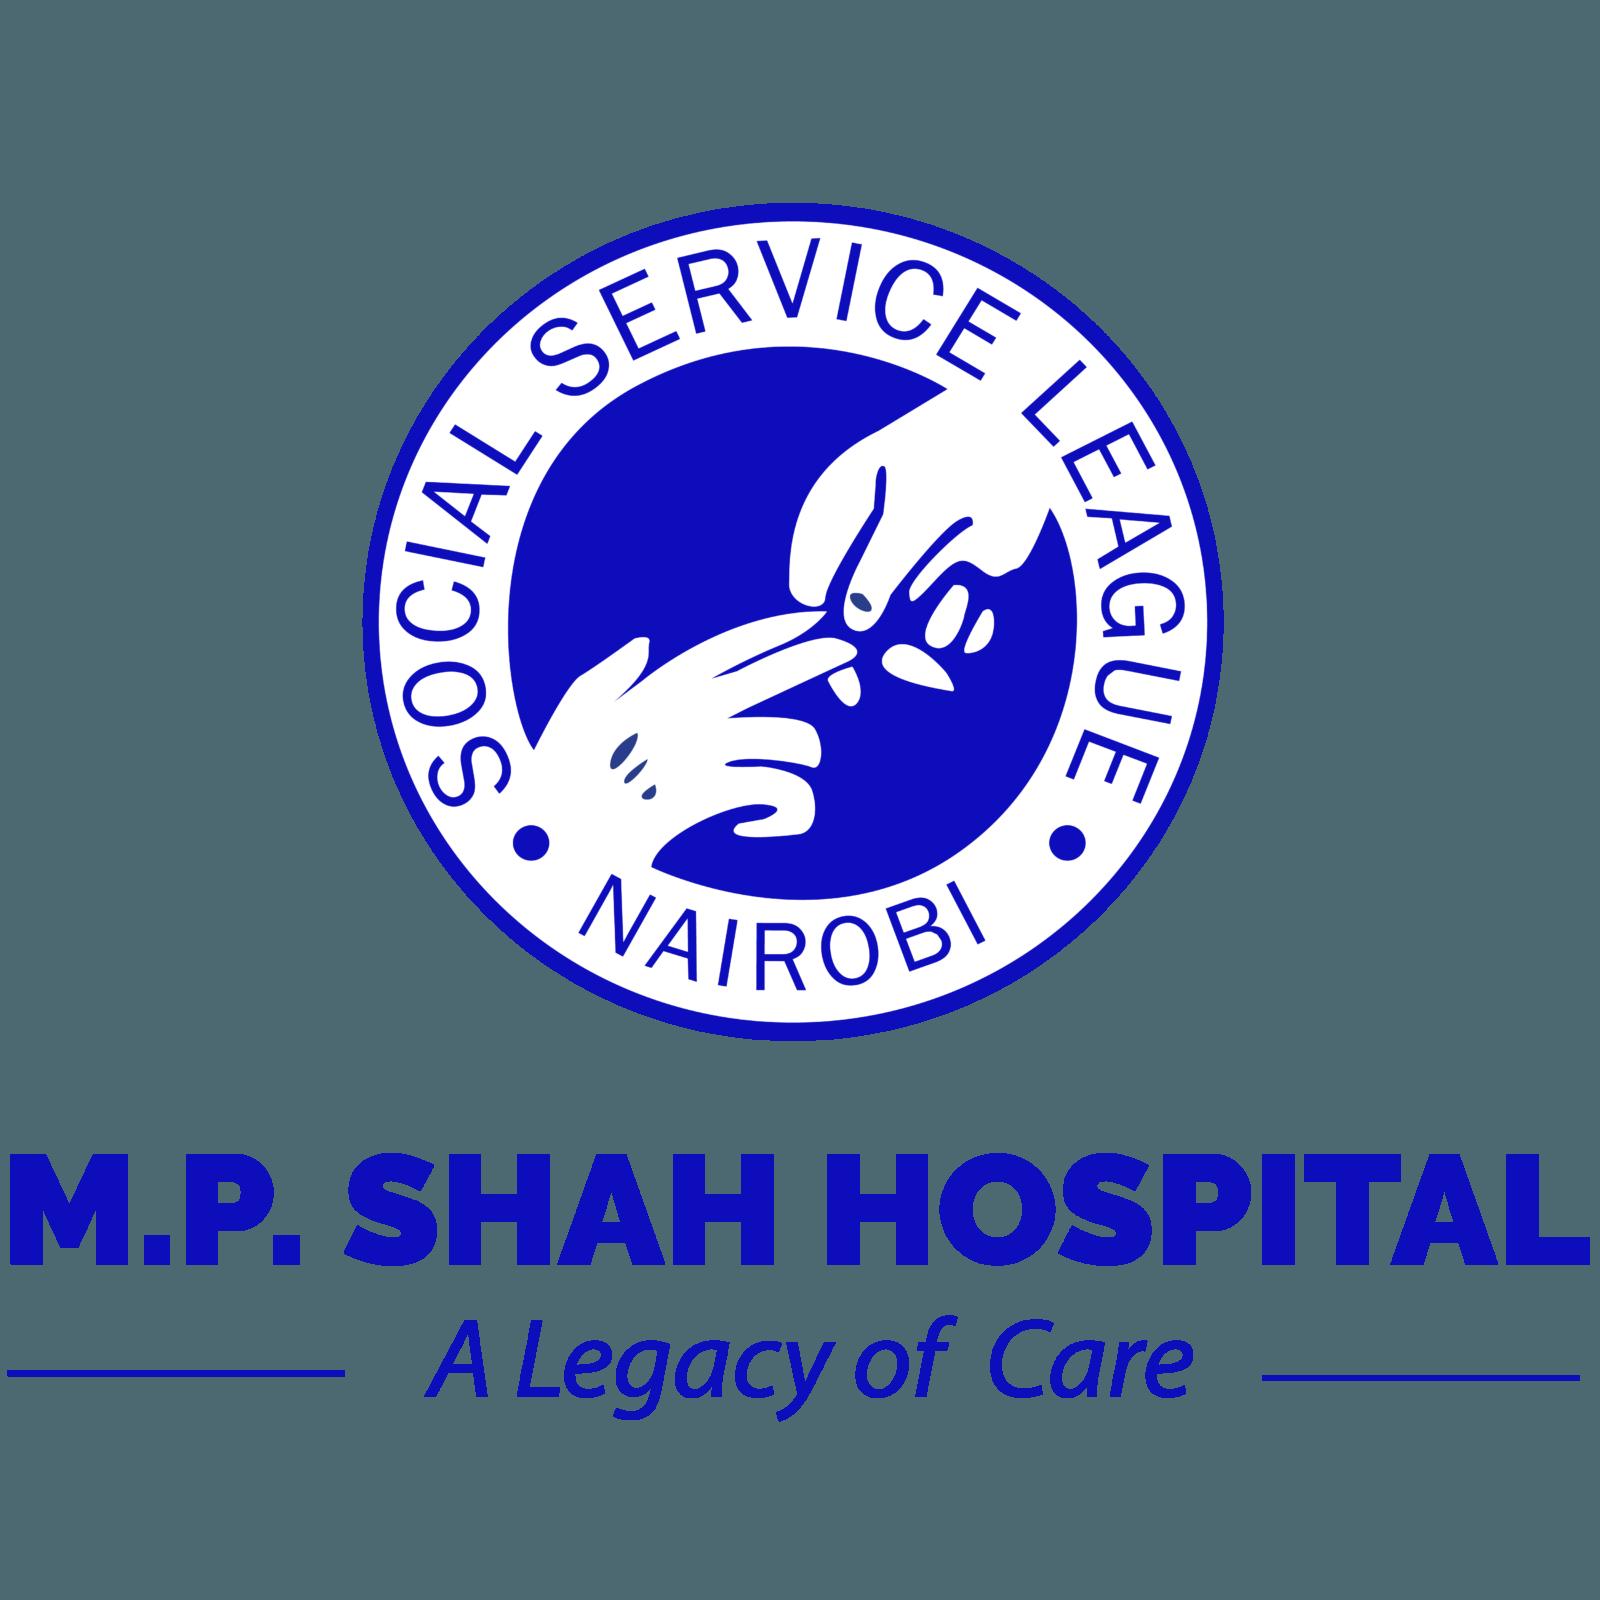 M.P. Shah Hospital